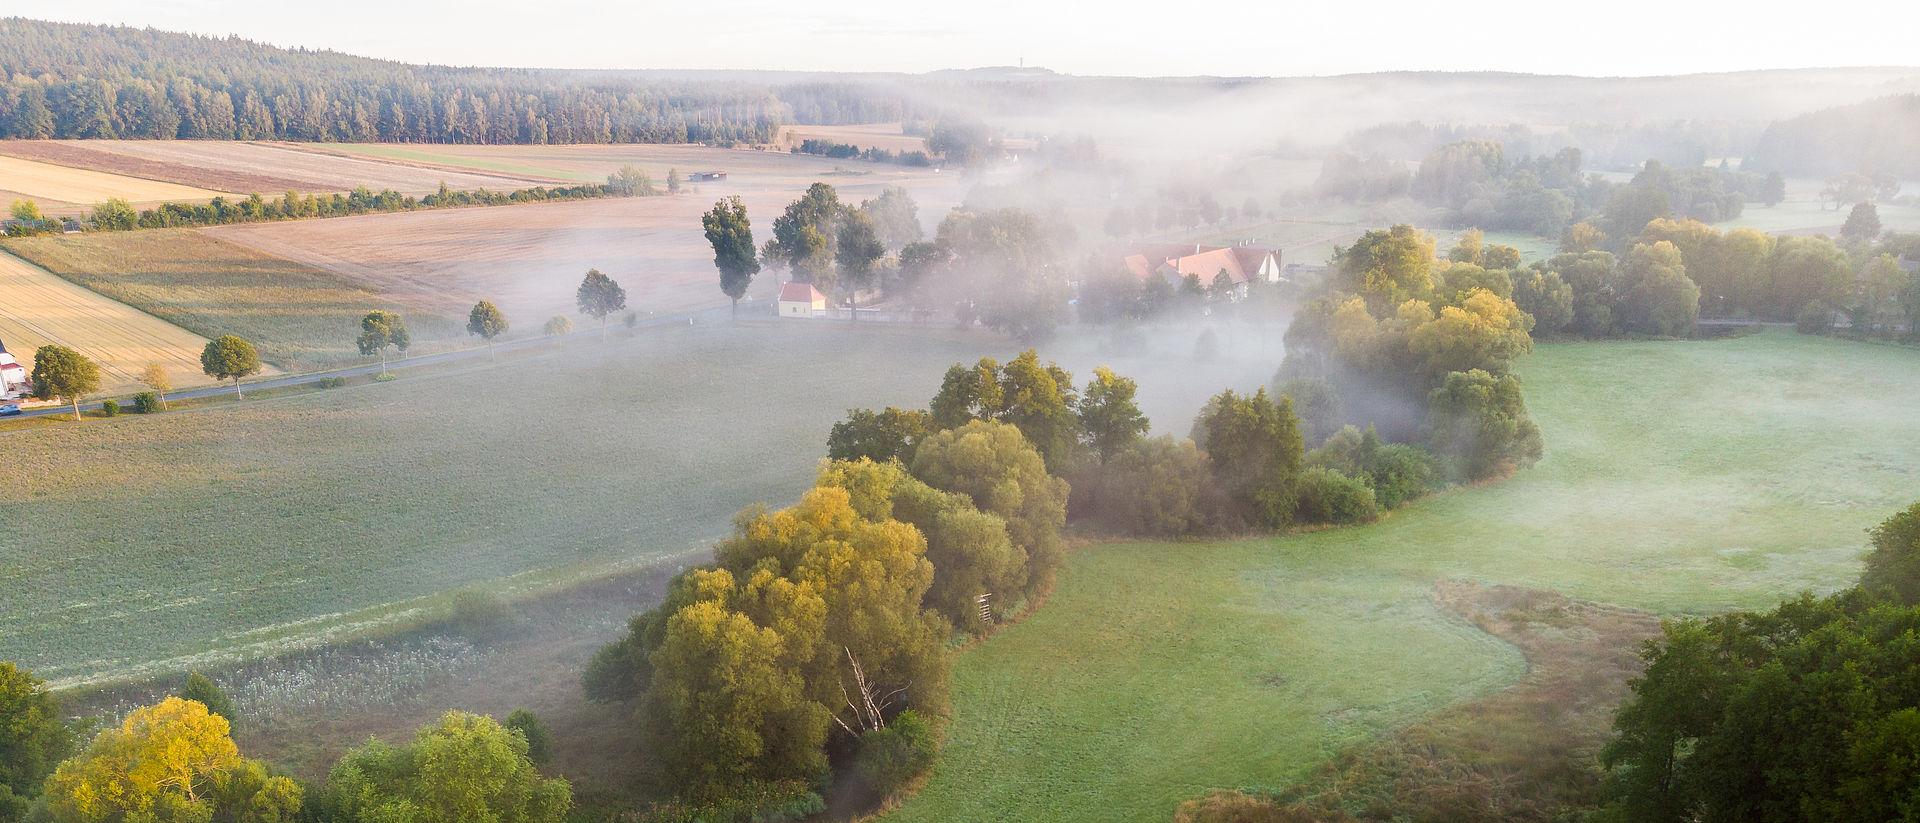 Mitterhof am Morgen mit Nebel.